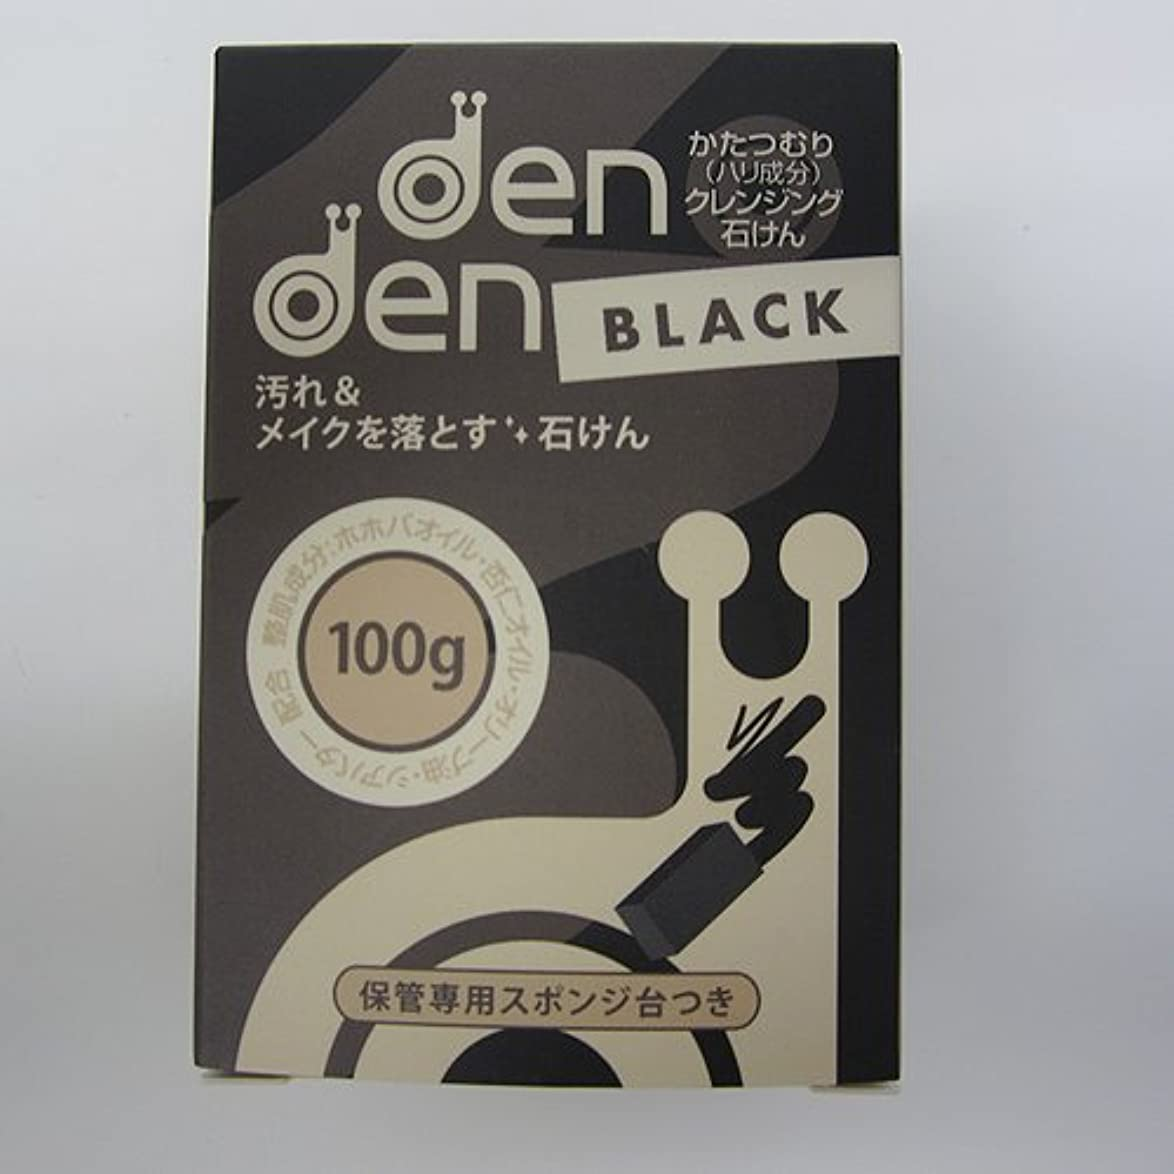 美的外向き緊張DenDen かたつむりクレンジング石けん デンデンブラック